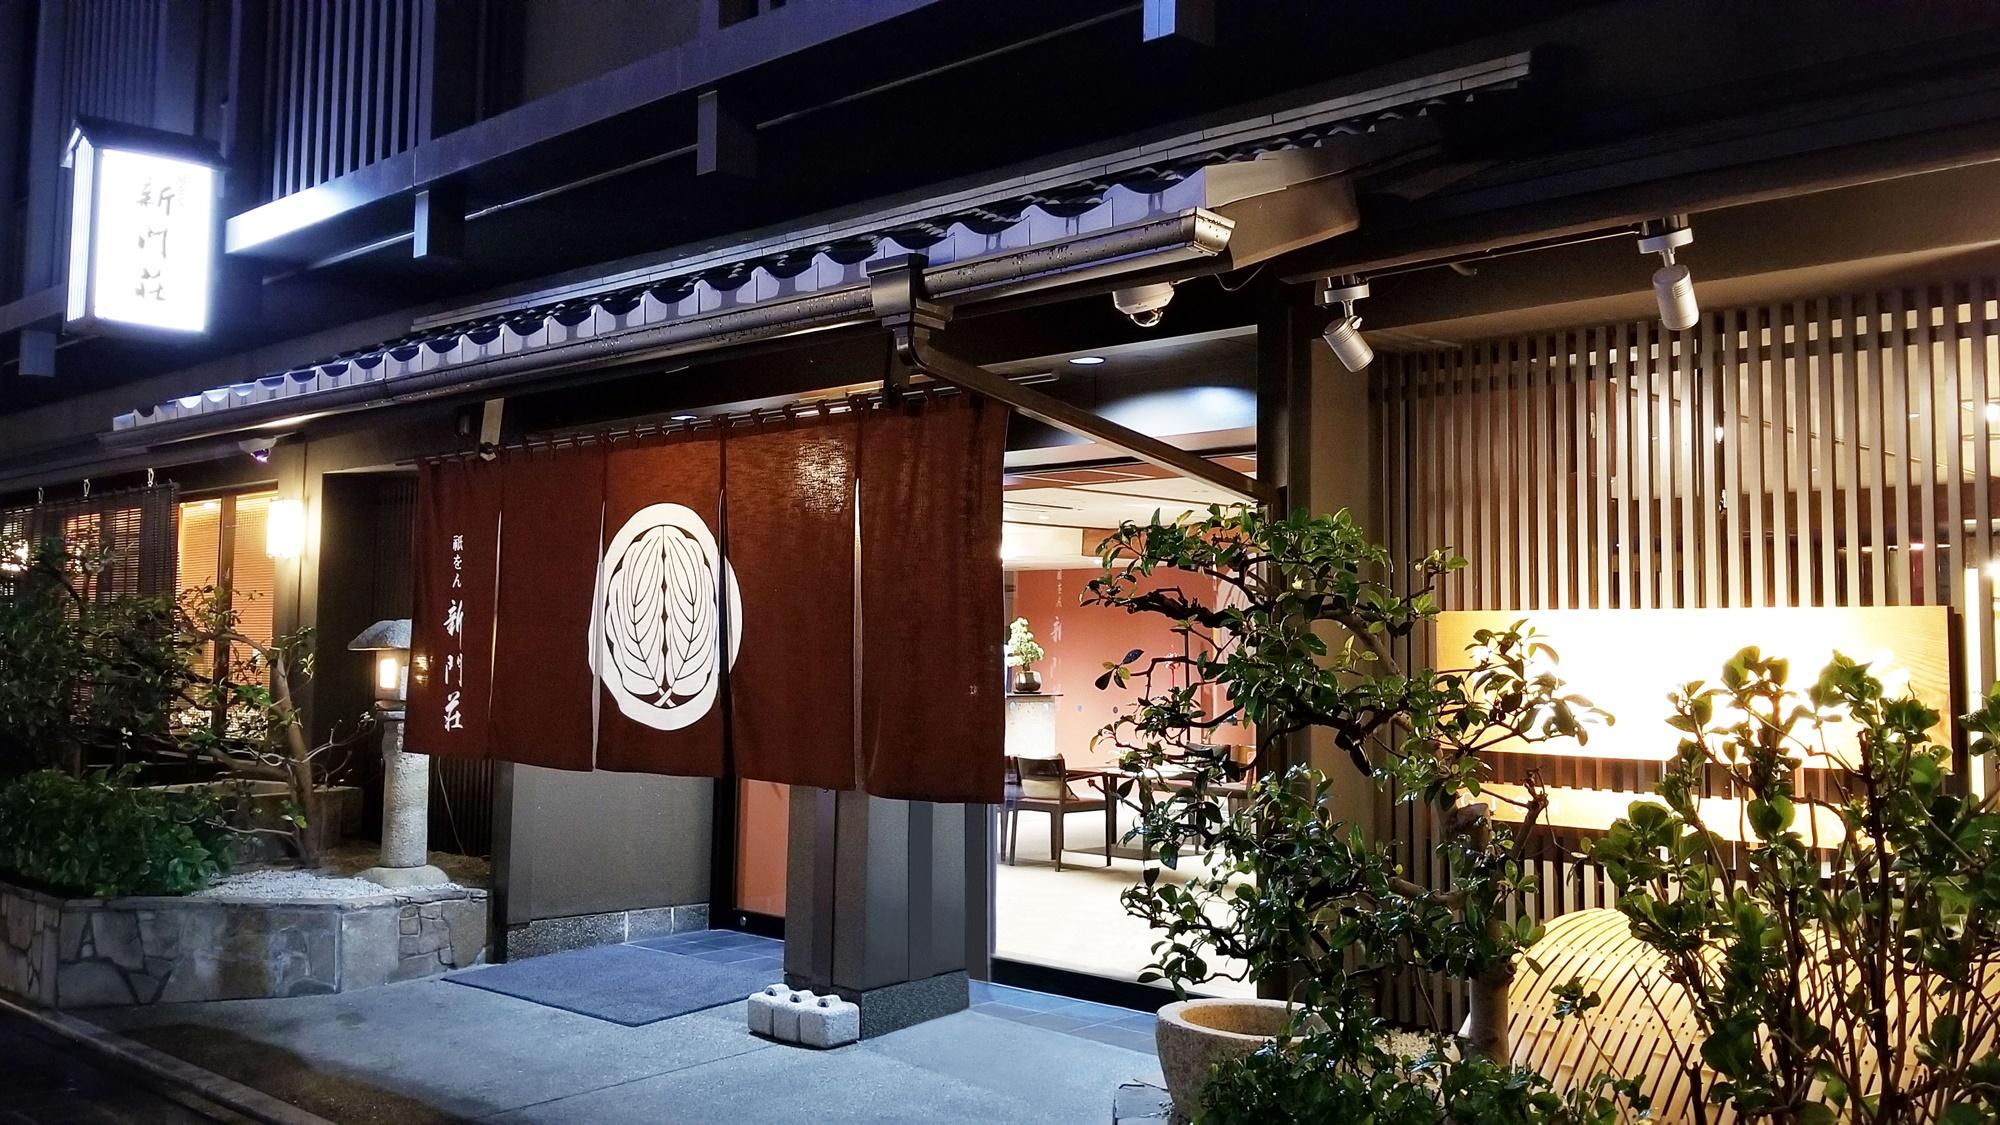 祇をん 新門荘◆楽天トラベル